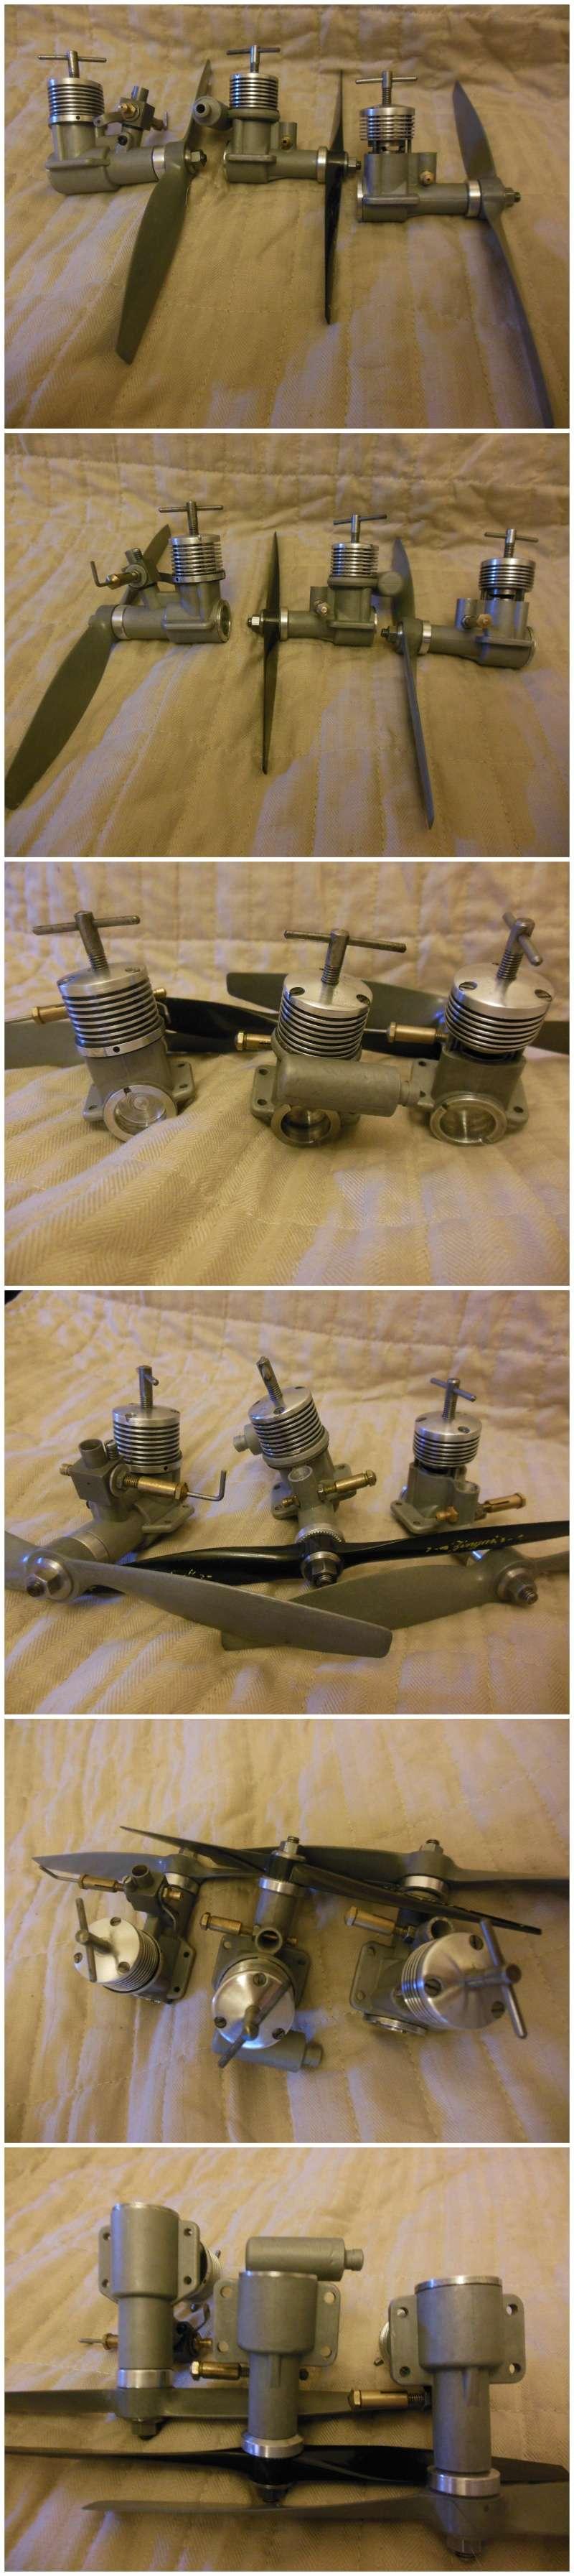 Sandblasting engines 09s10